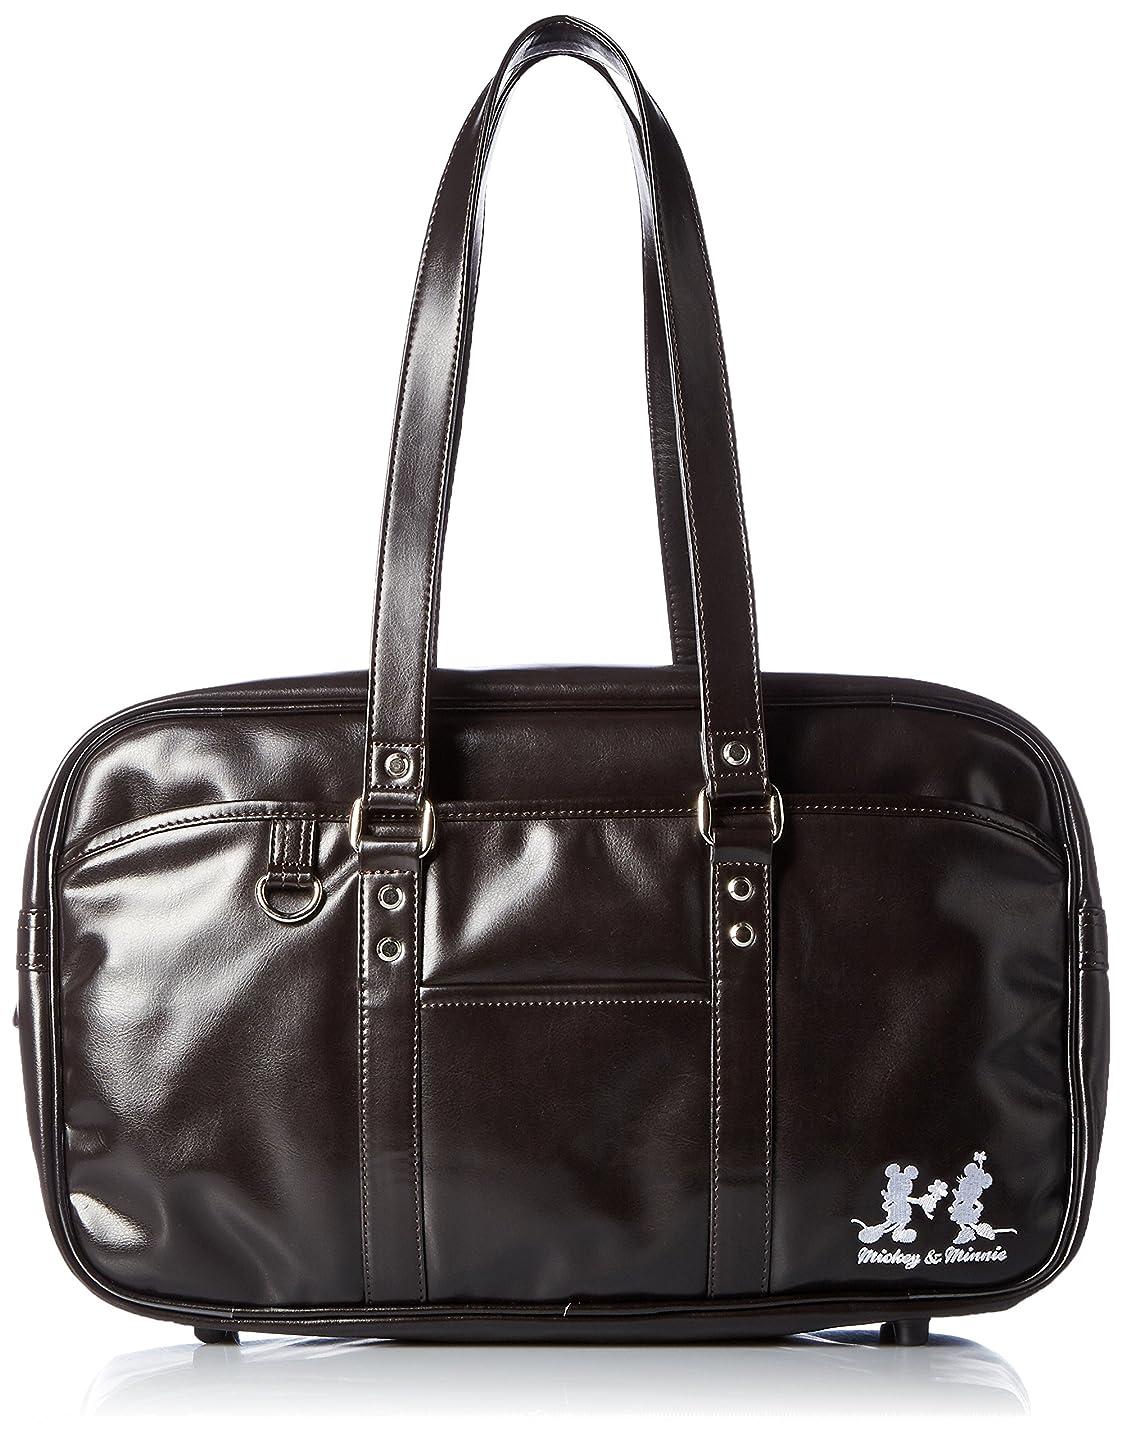 変位案件素晴らしき[ディズニーバッグ] DISNEY BAG DISNEY ミッキー&ミニー 合皮 スクールバッグ